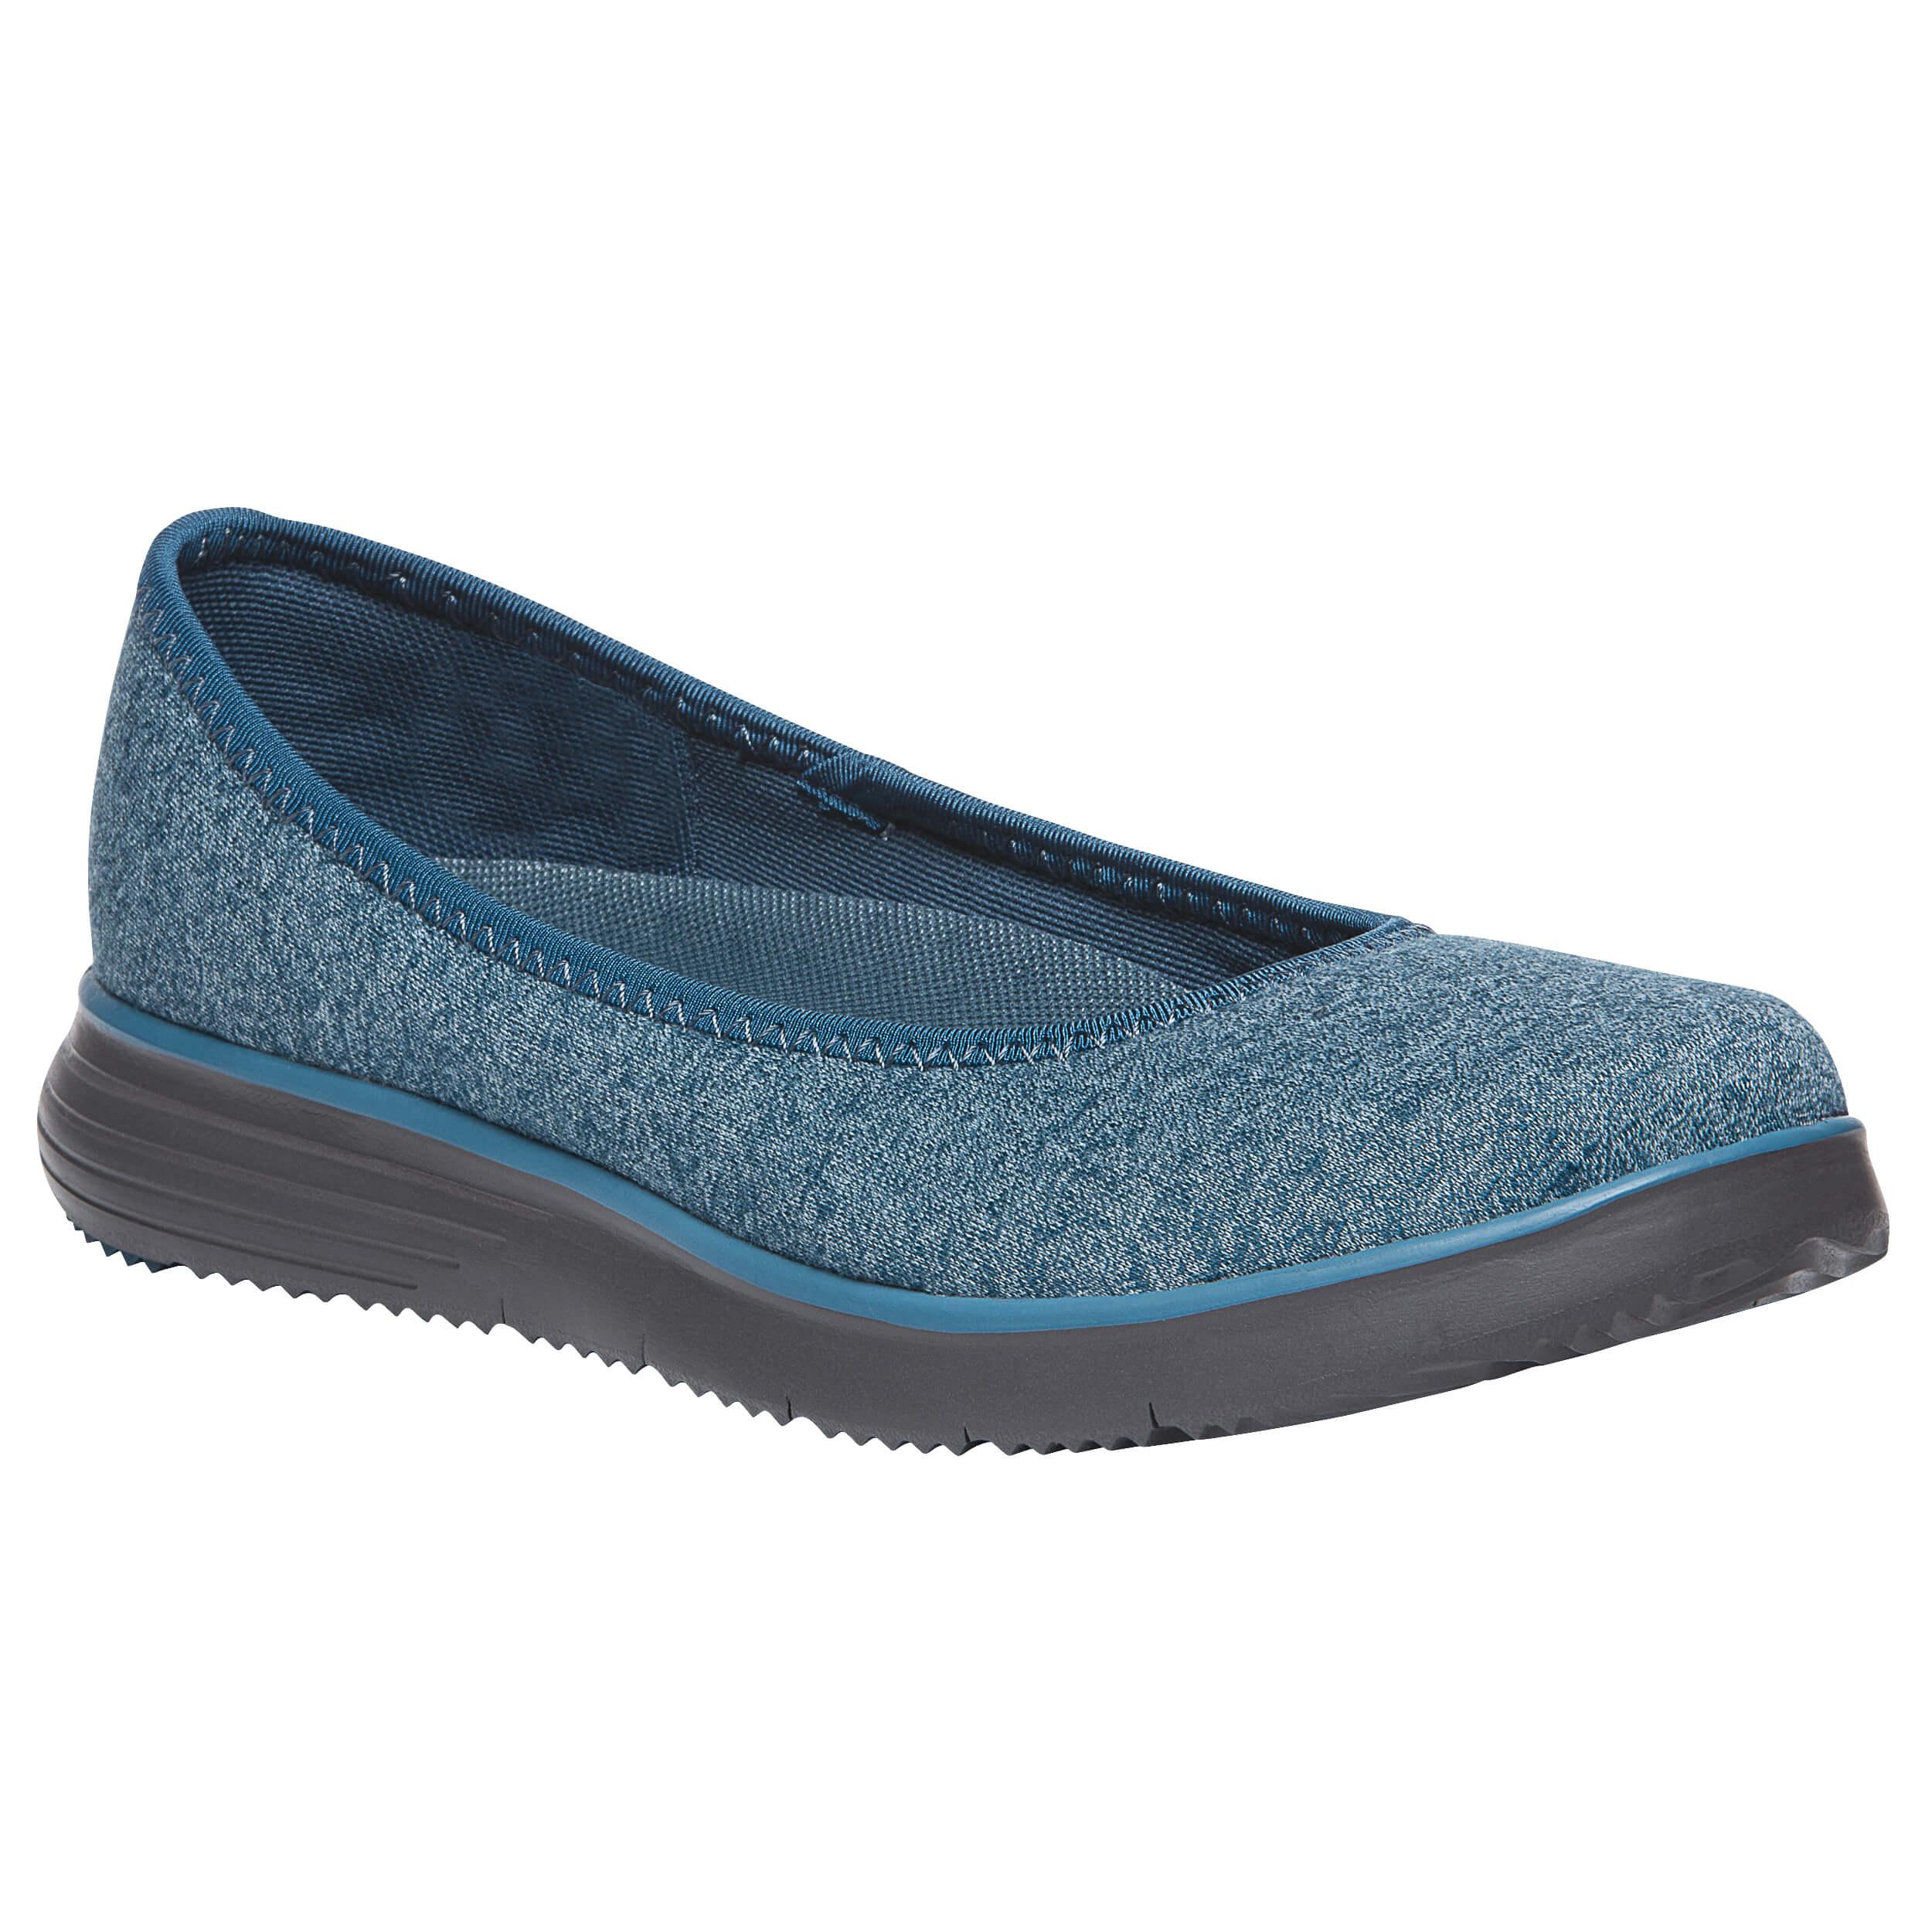 running nordstrom shoes comfort comforter c tennis doctor scholl womens women dr athletic sneakers s